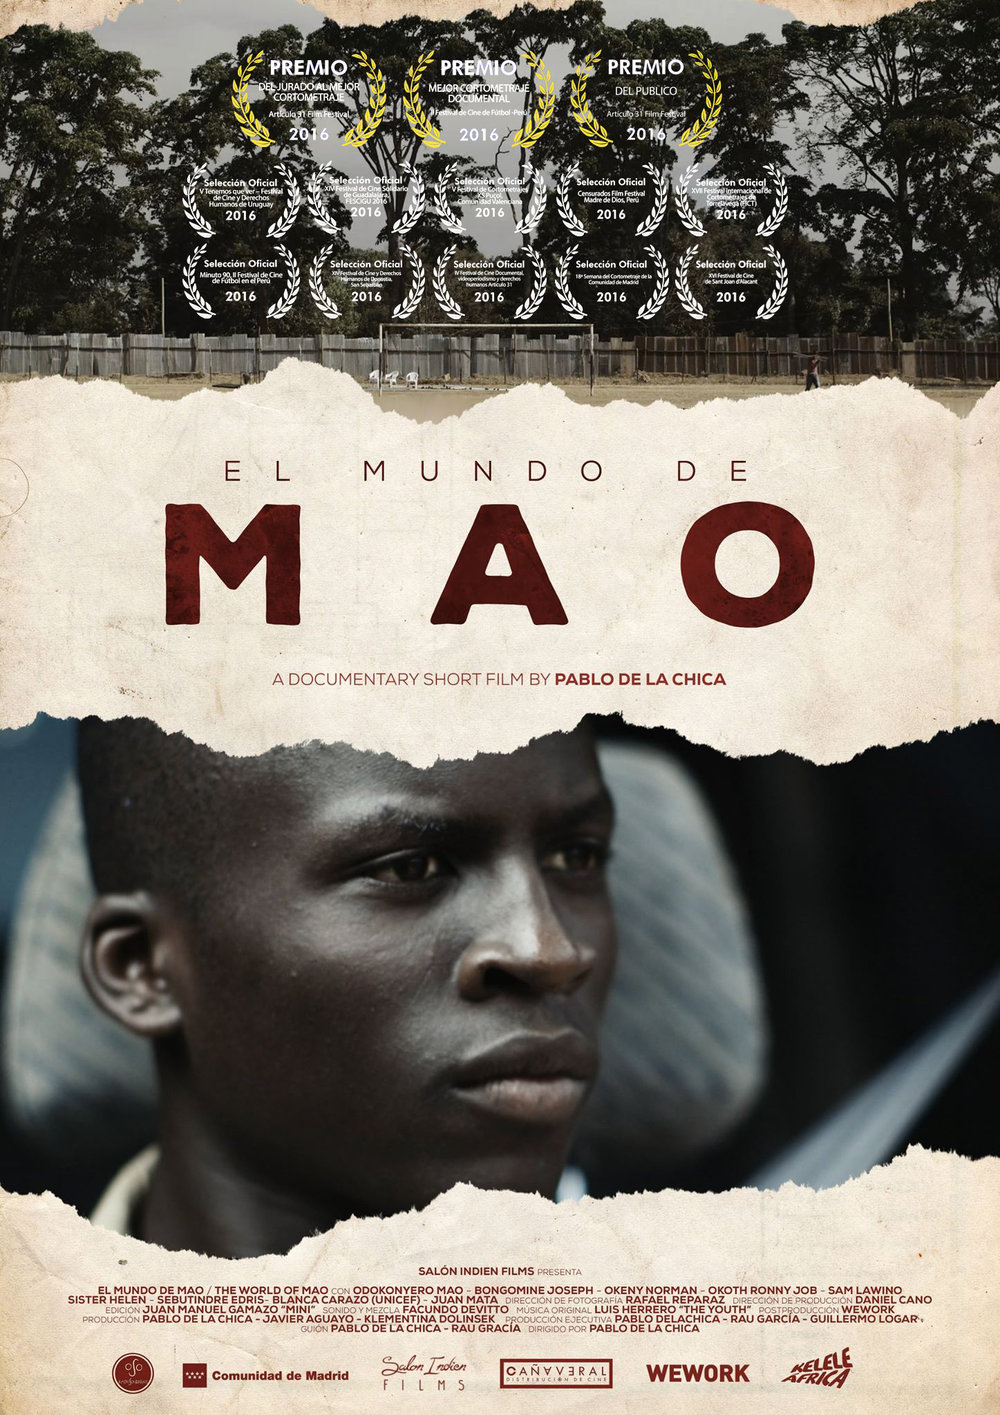 El Mundo de Mao